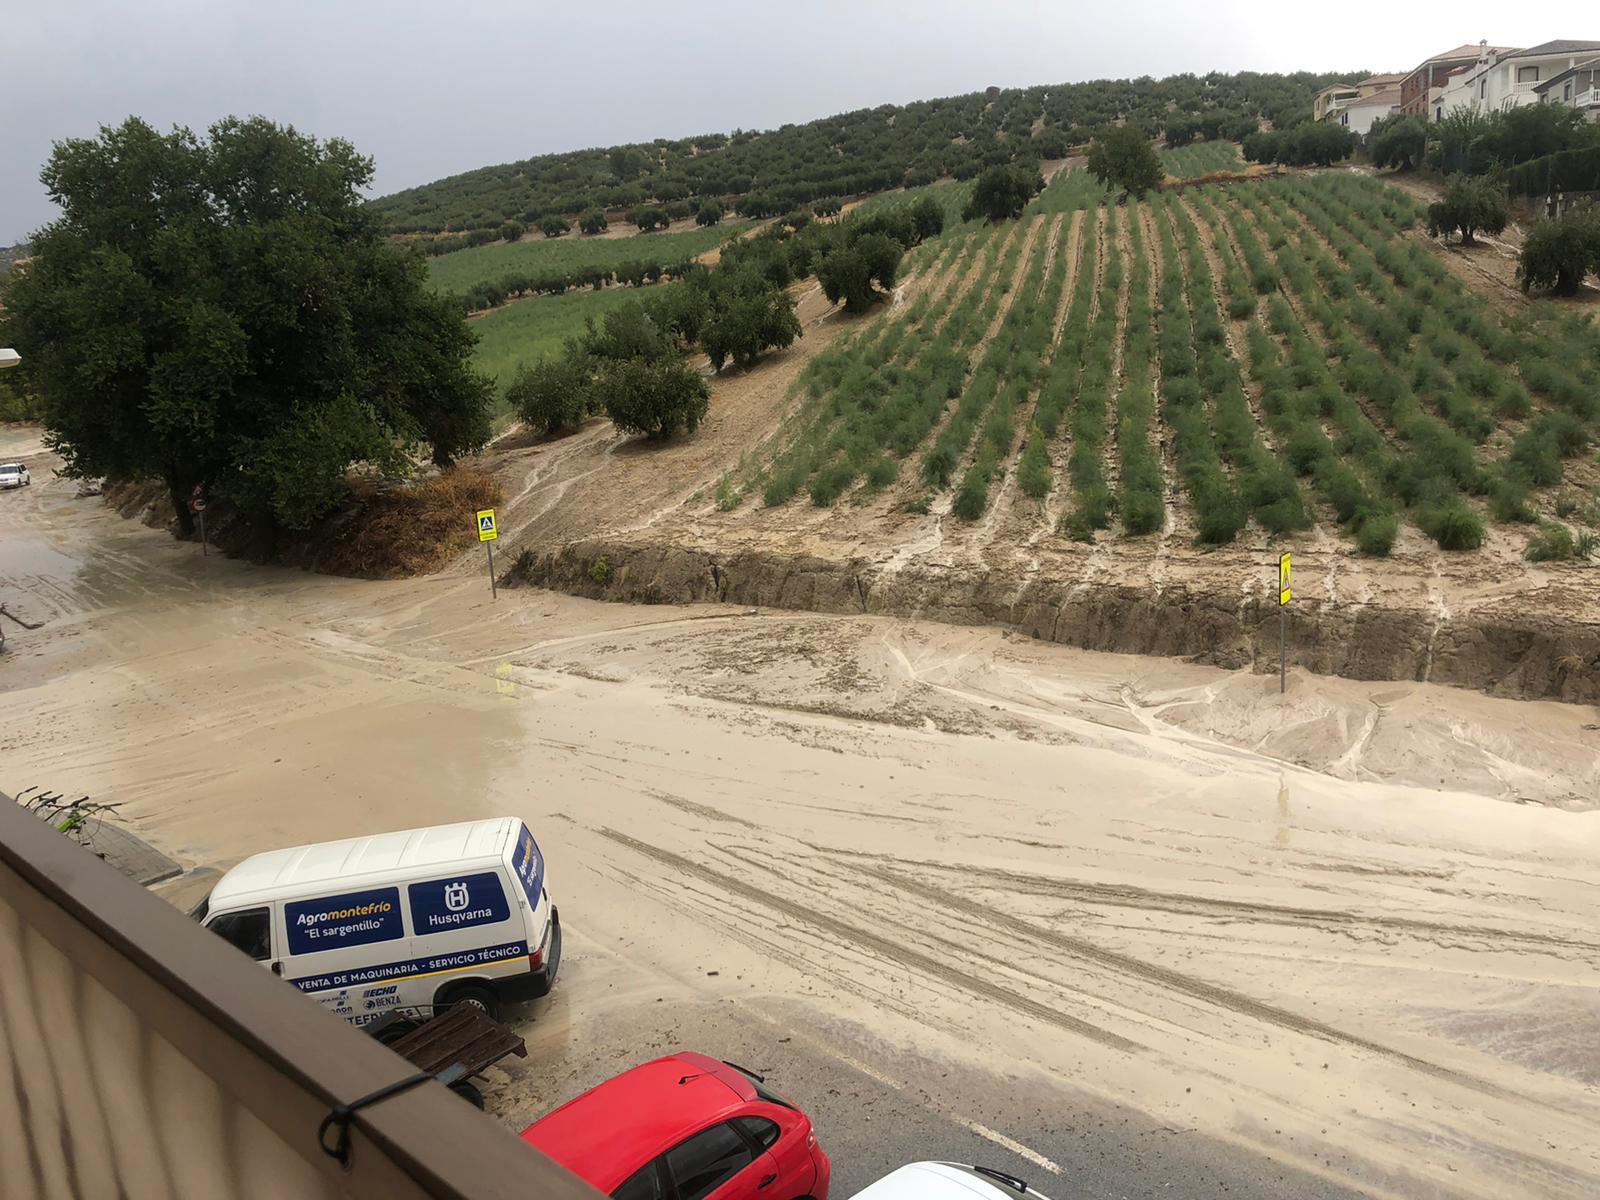 Una gran tromba de agua y granizo desborda el Arroyo Milanos de Montefrío y obliga a cortar las carreteras de Alcalá la Real, Huétor Tájar y Tocón